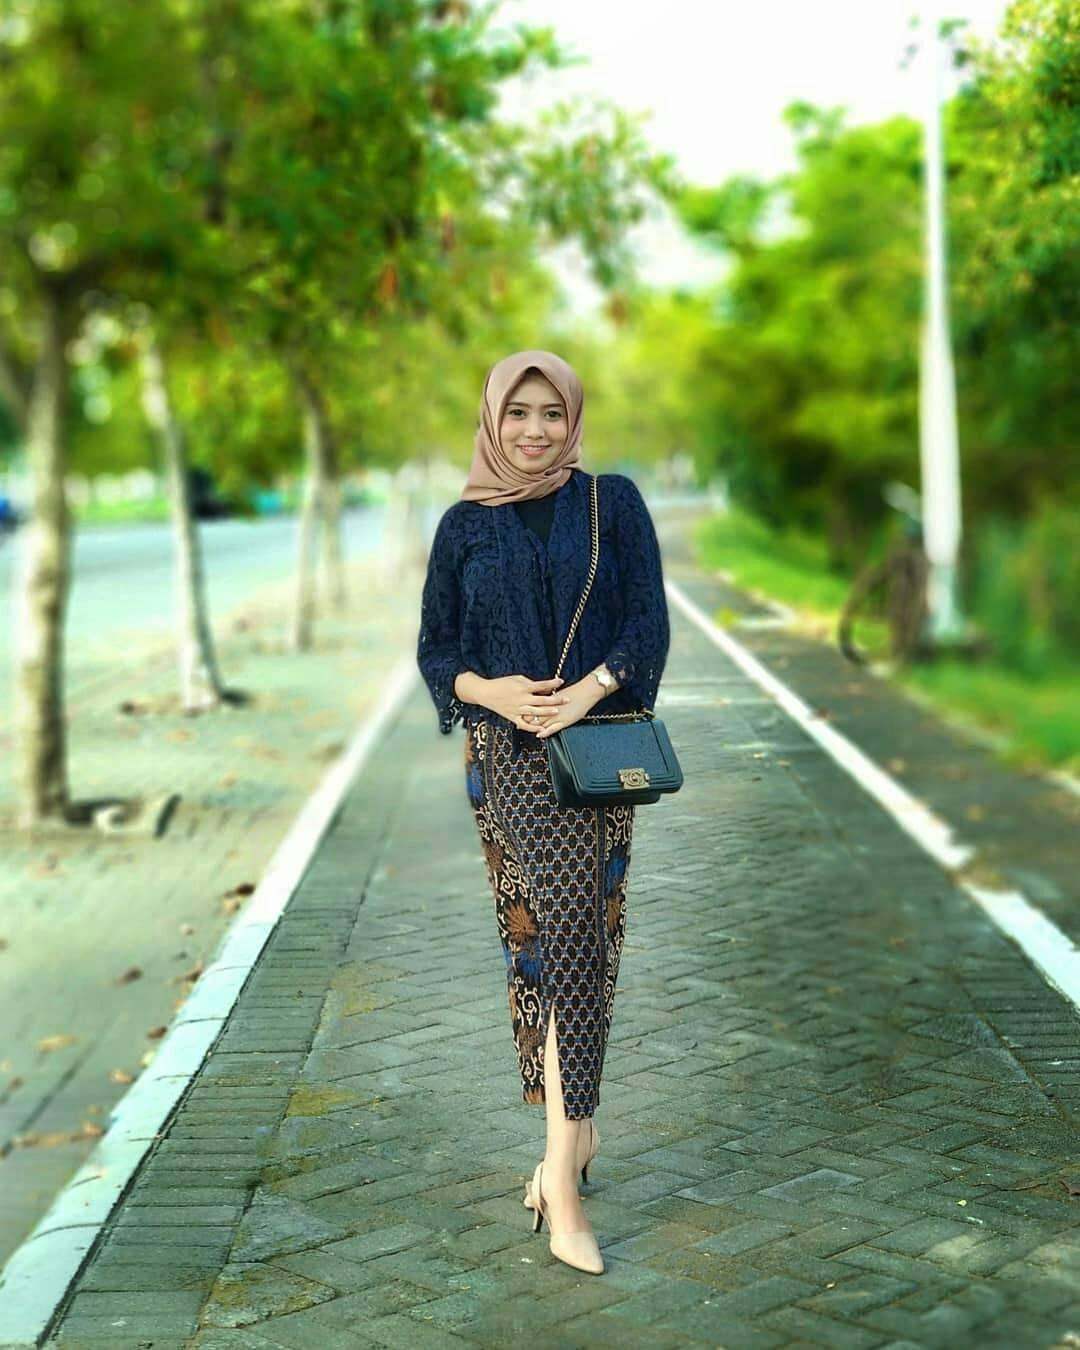 Rok Batik Dan Kemeja: 15 Padu Padan Rok Batik, Dari Kaos Hingga Kebaya!